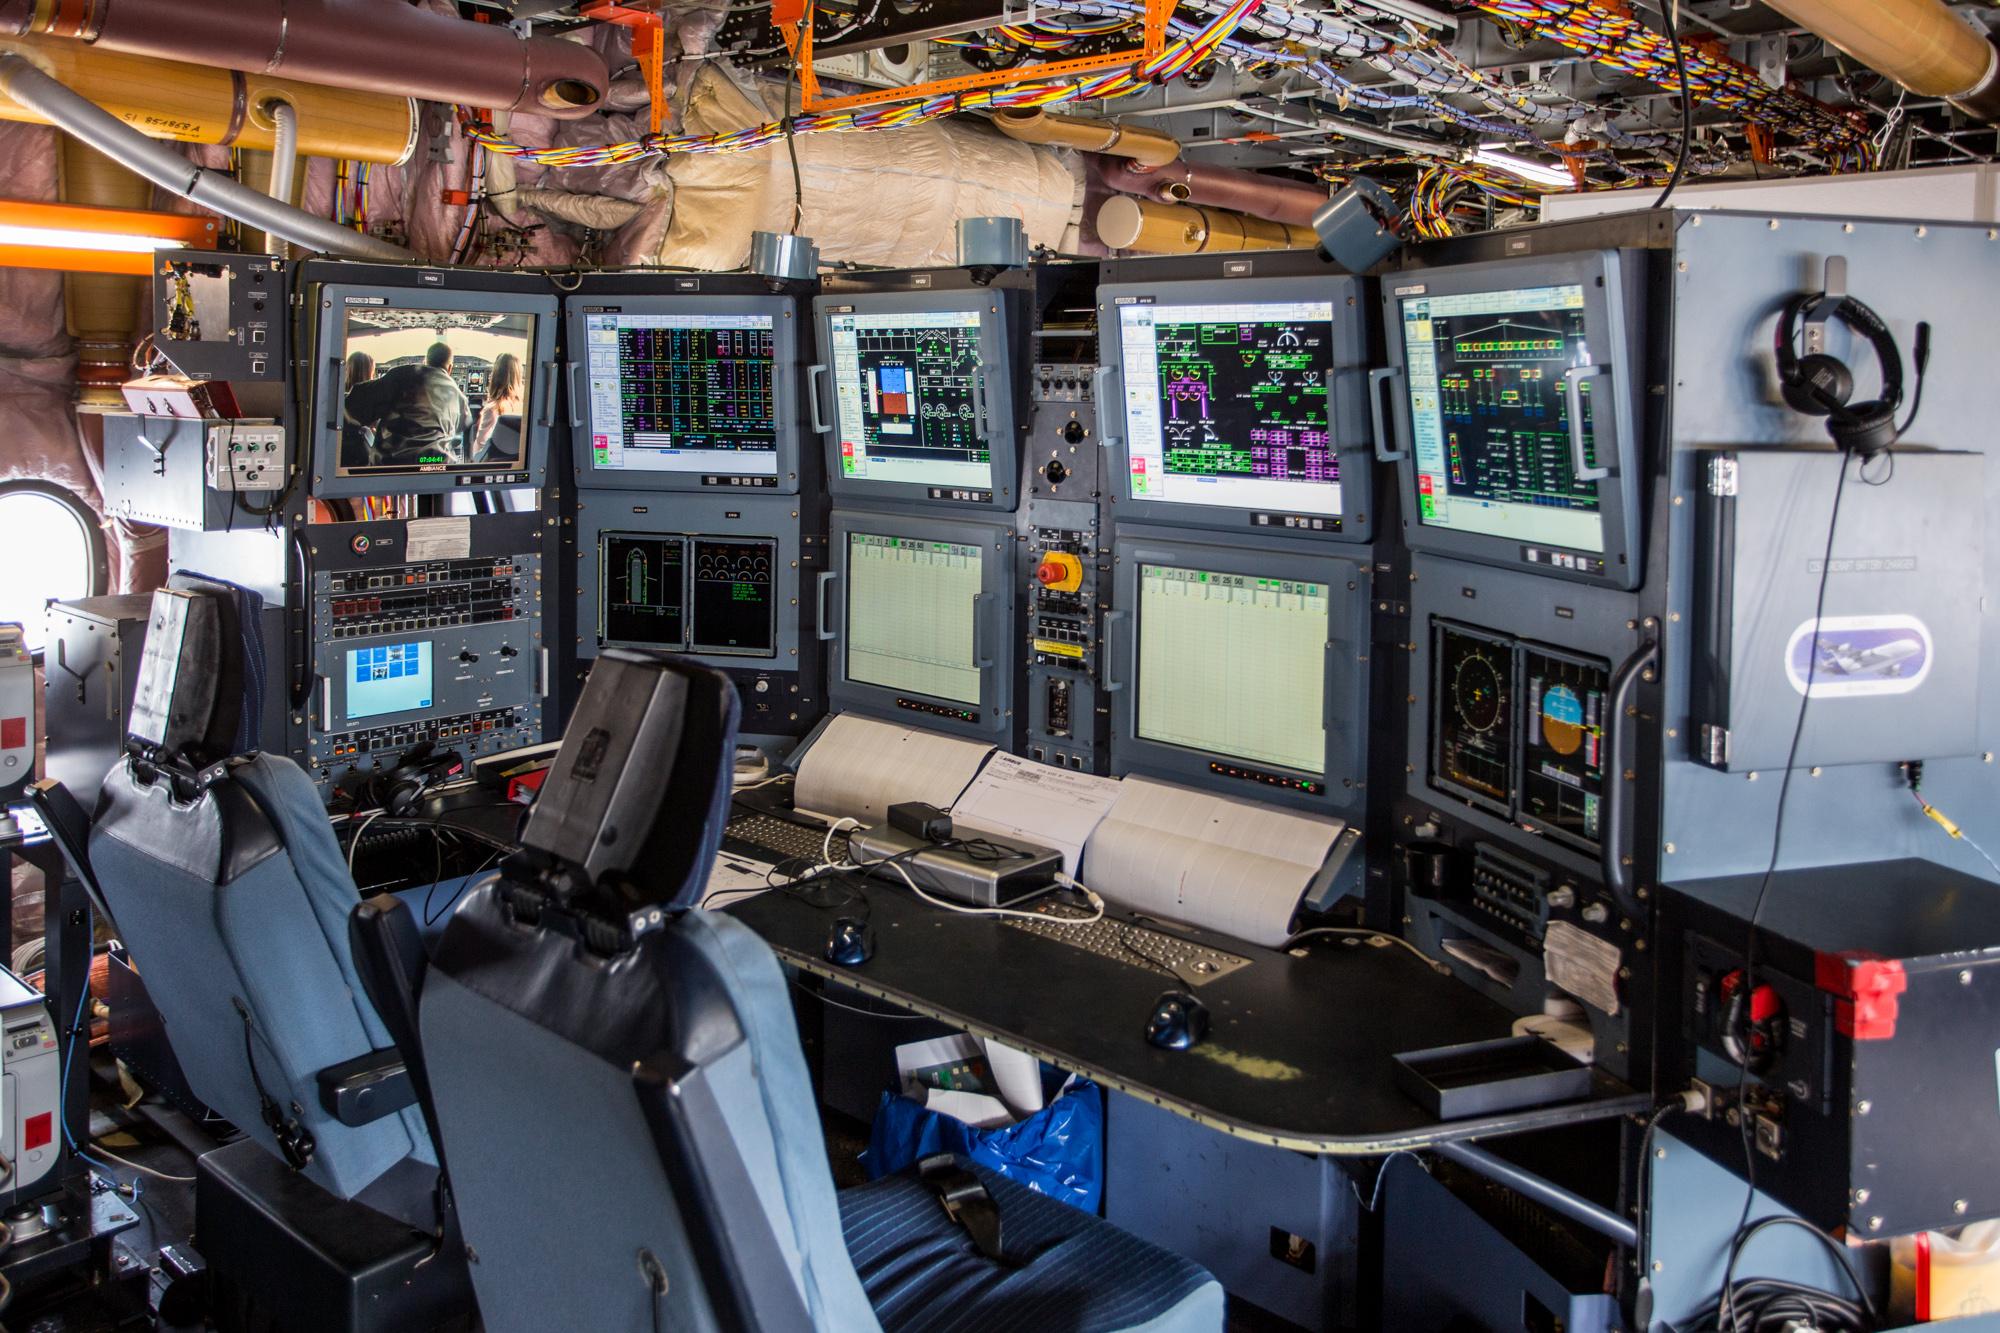 Les écrans et consoles de l'avion de test Airbus A350